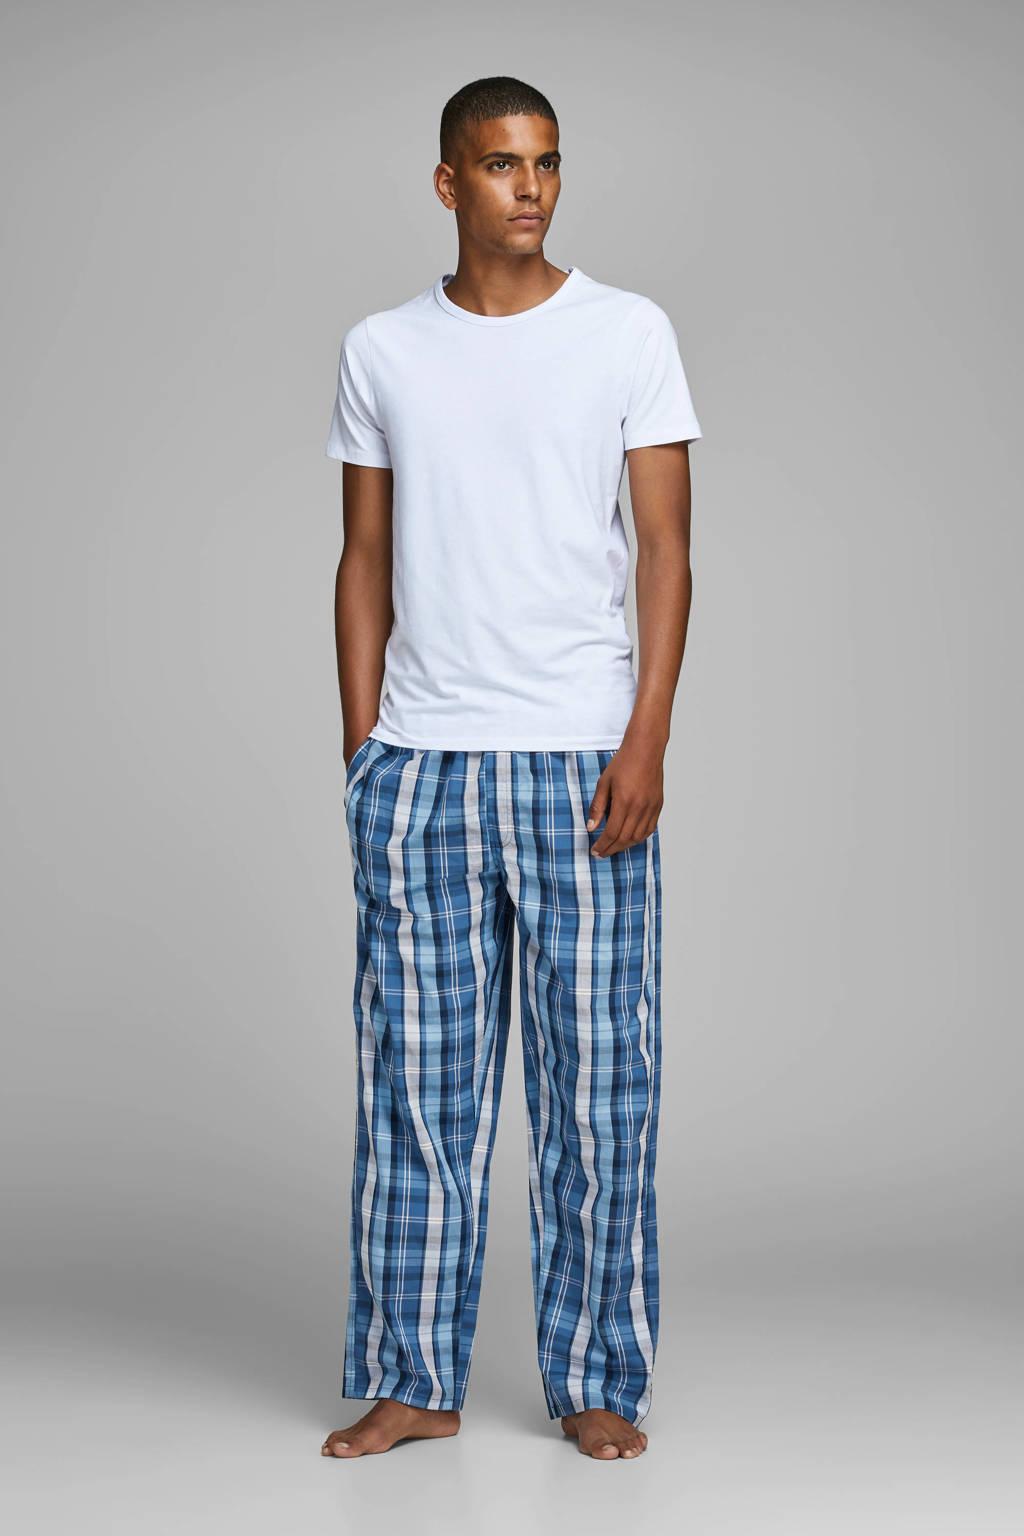 JACK & JONES geruite pyjamabroek blauw/wit, Blauw/wit